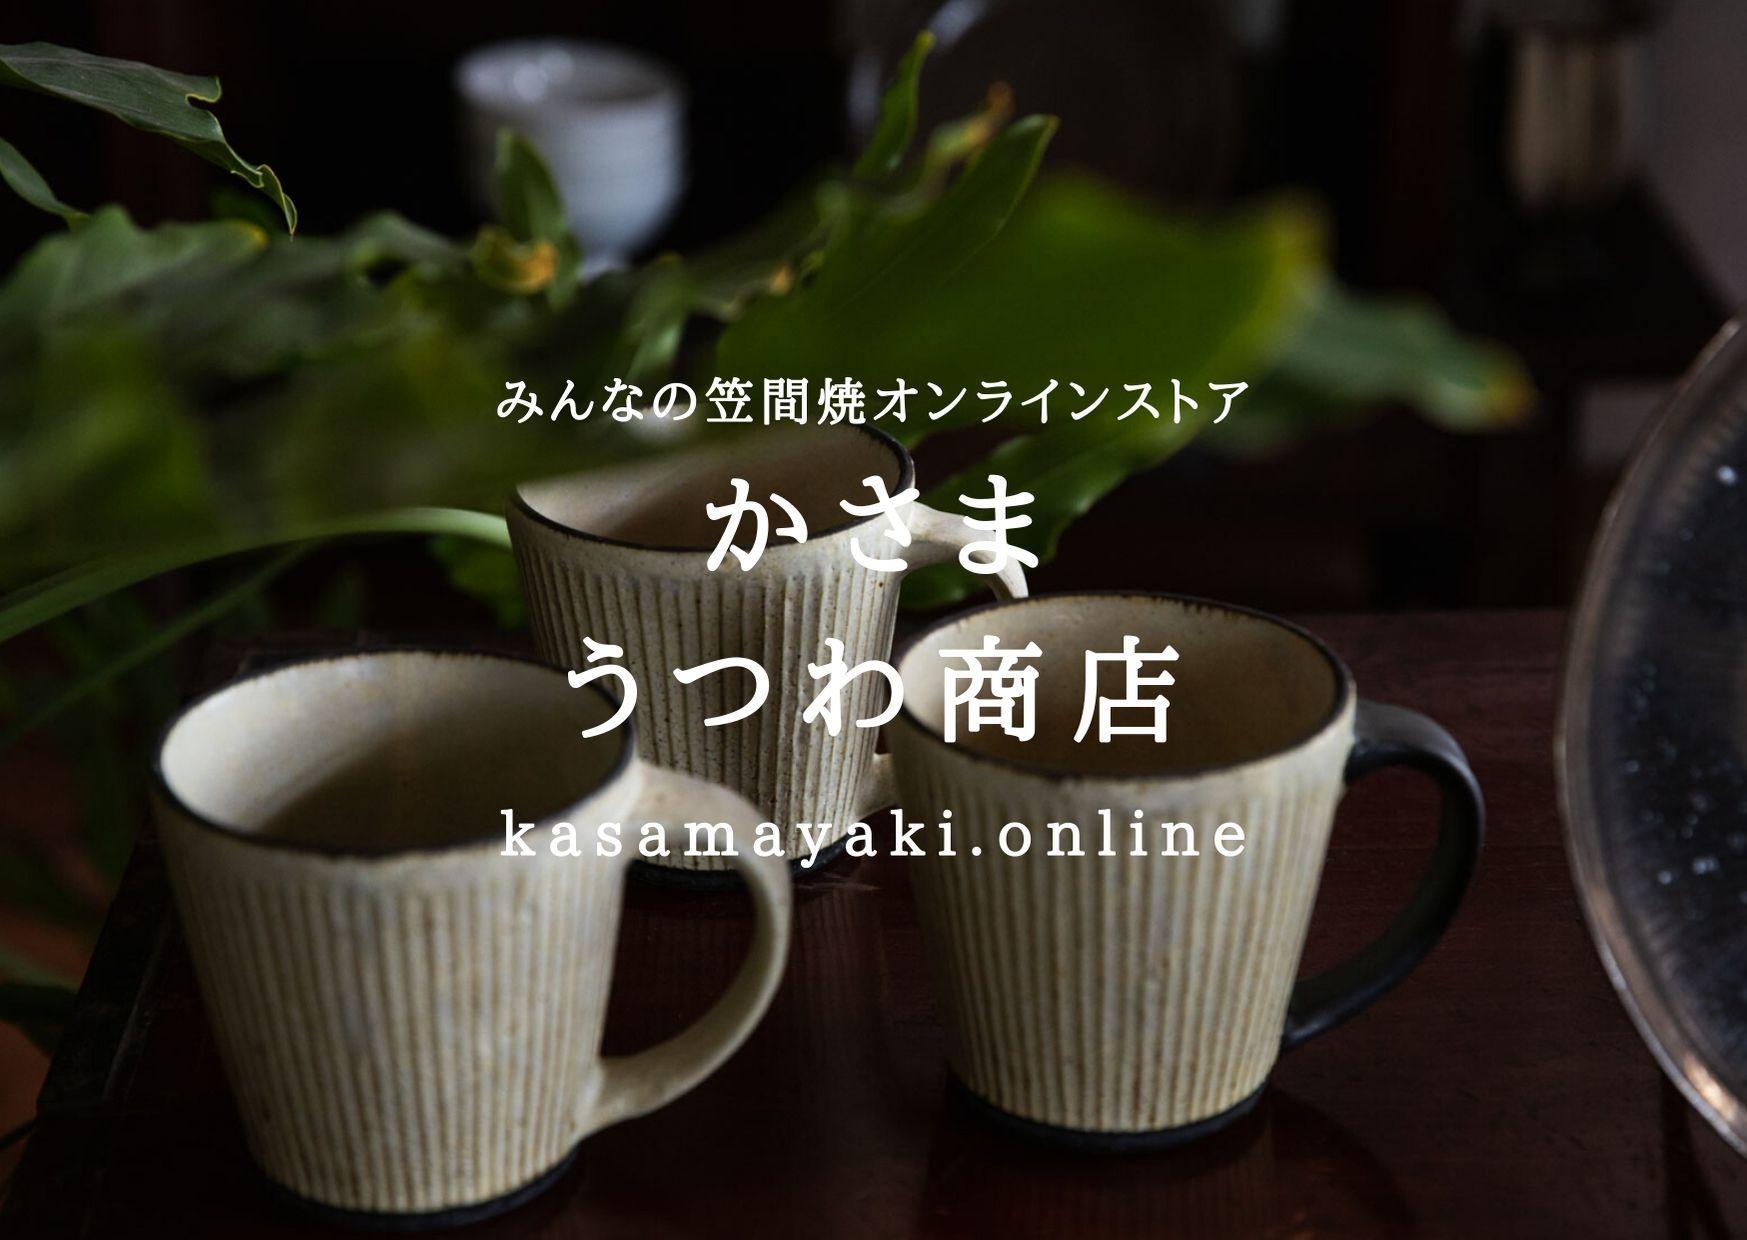 【かさまうつわ商店】グランドオープン!_f0229883_20333729.jpg